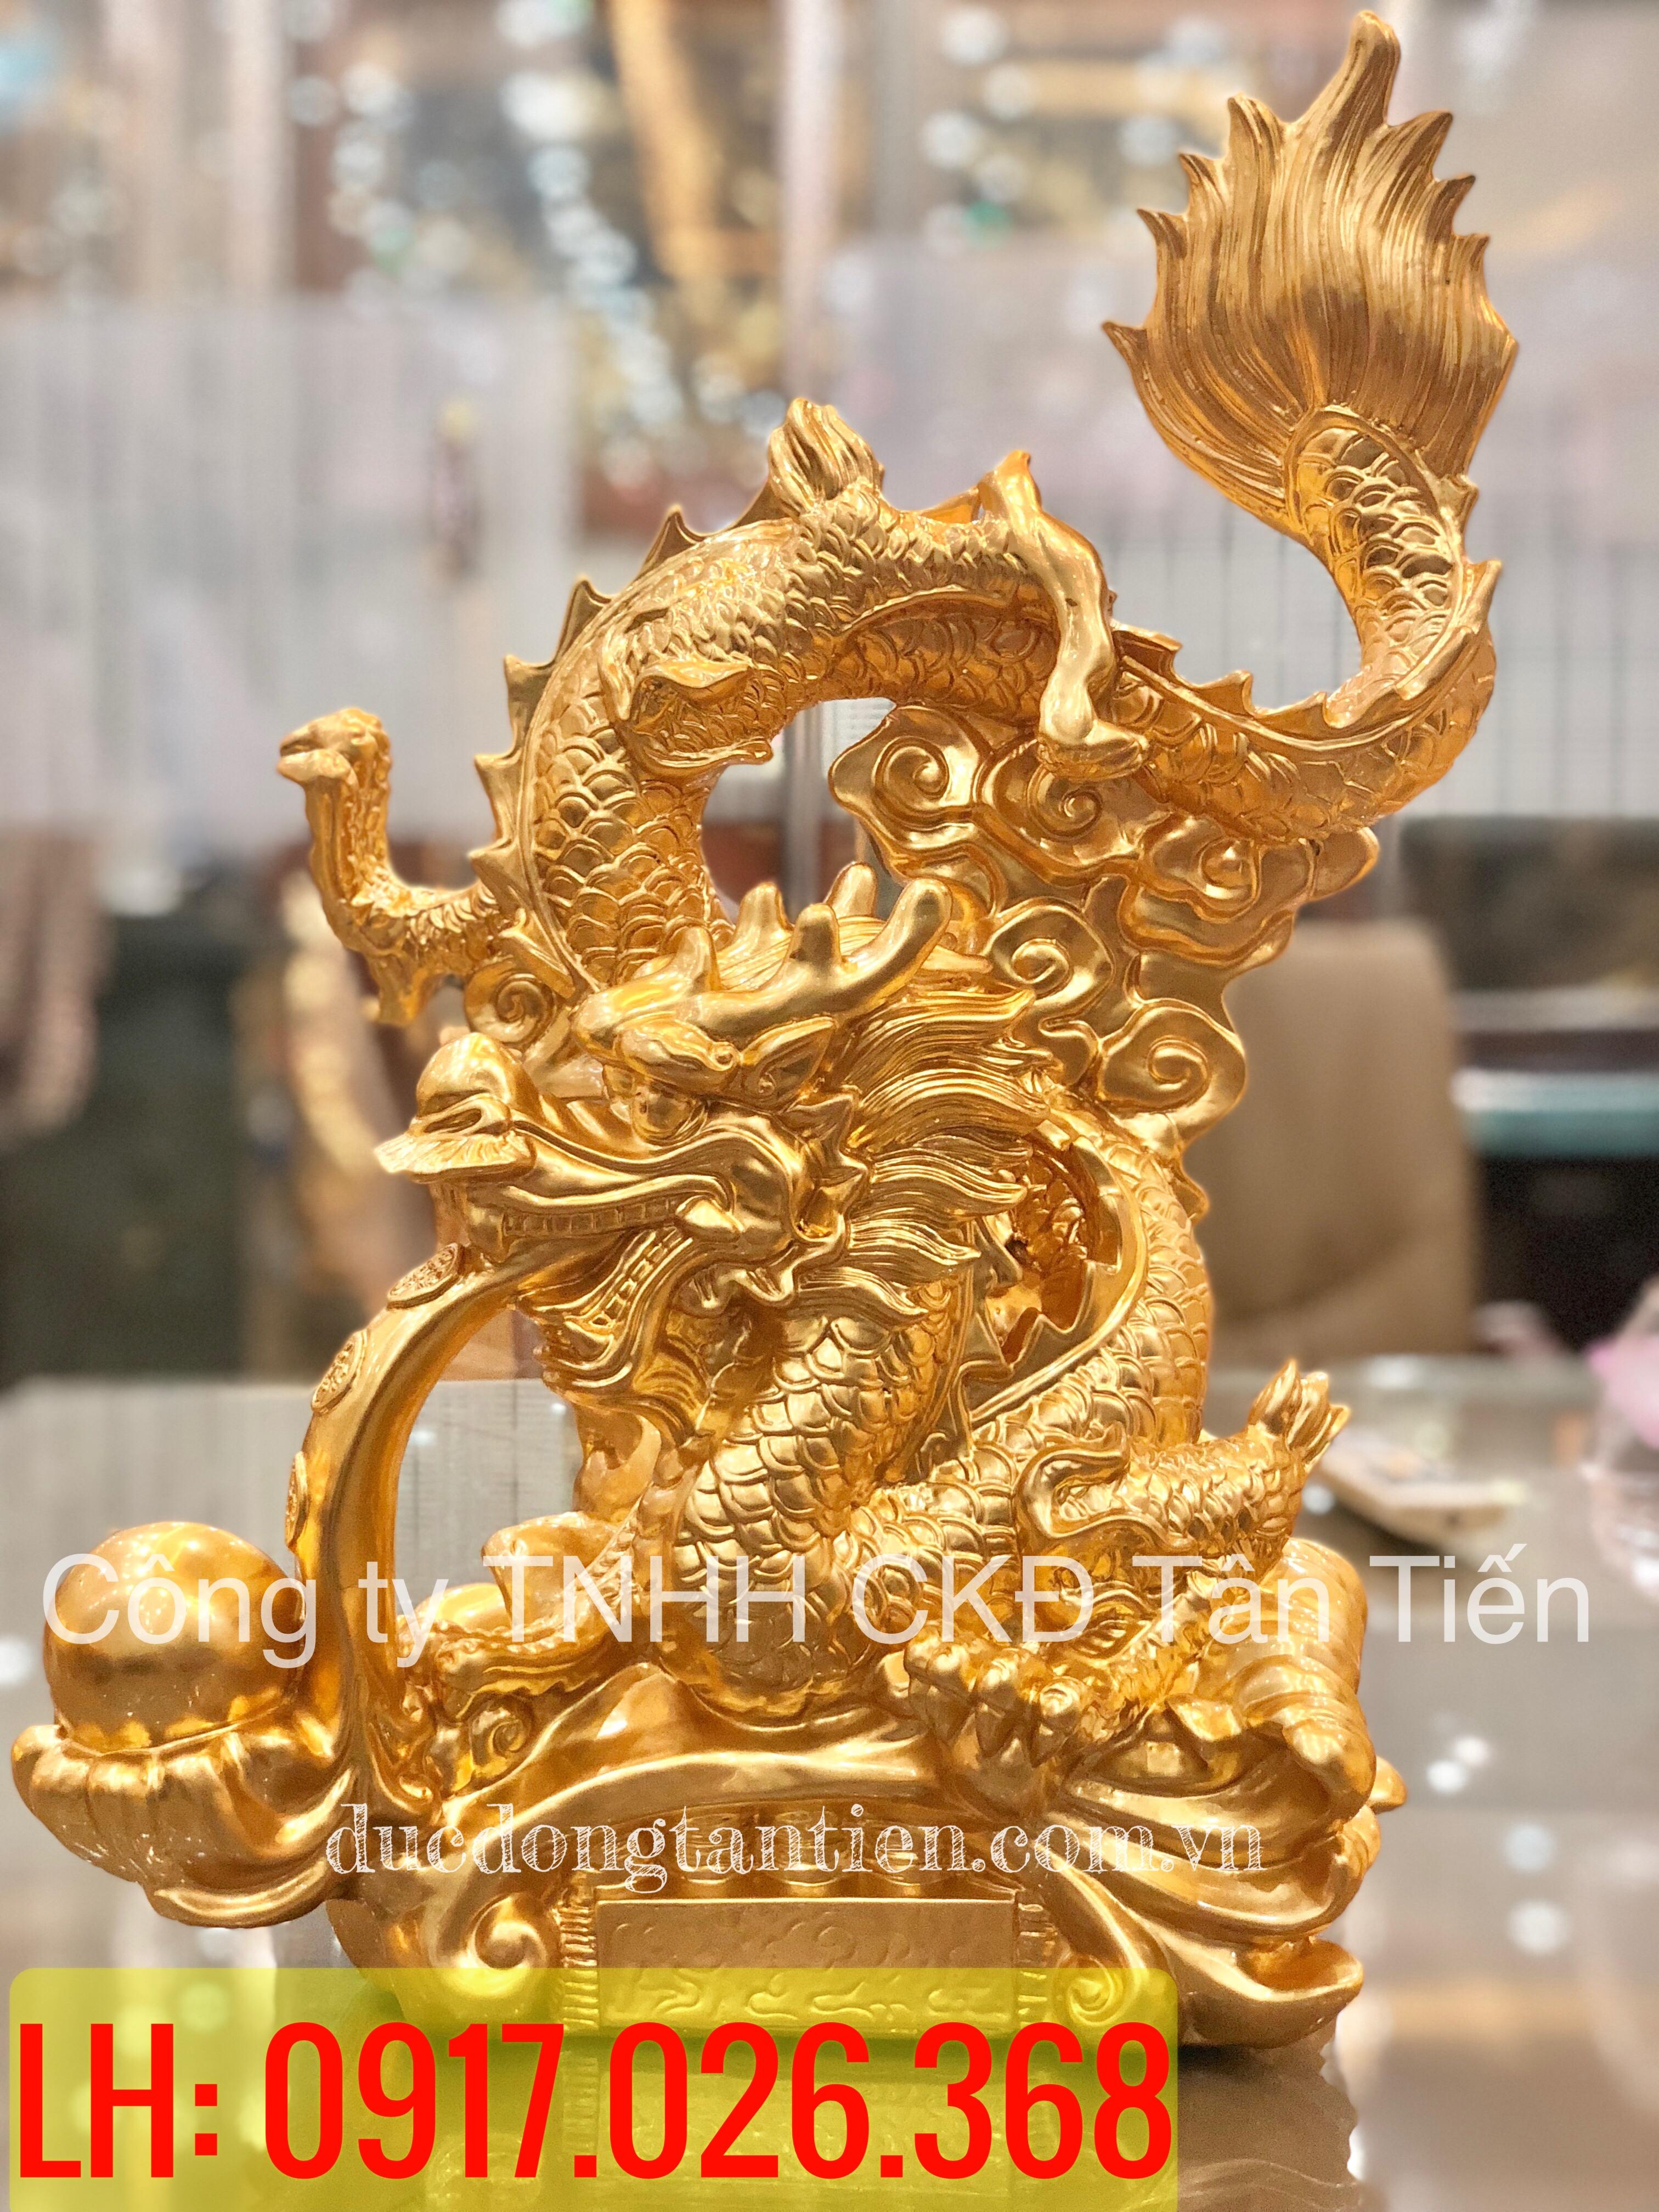 Long Phun Châu Ngọc